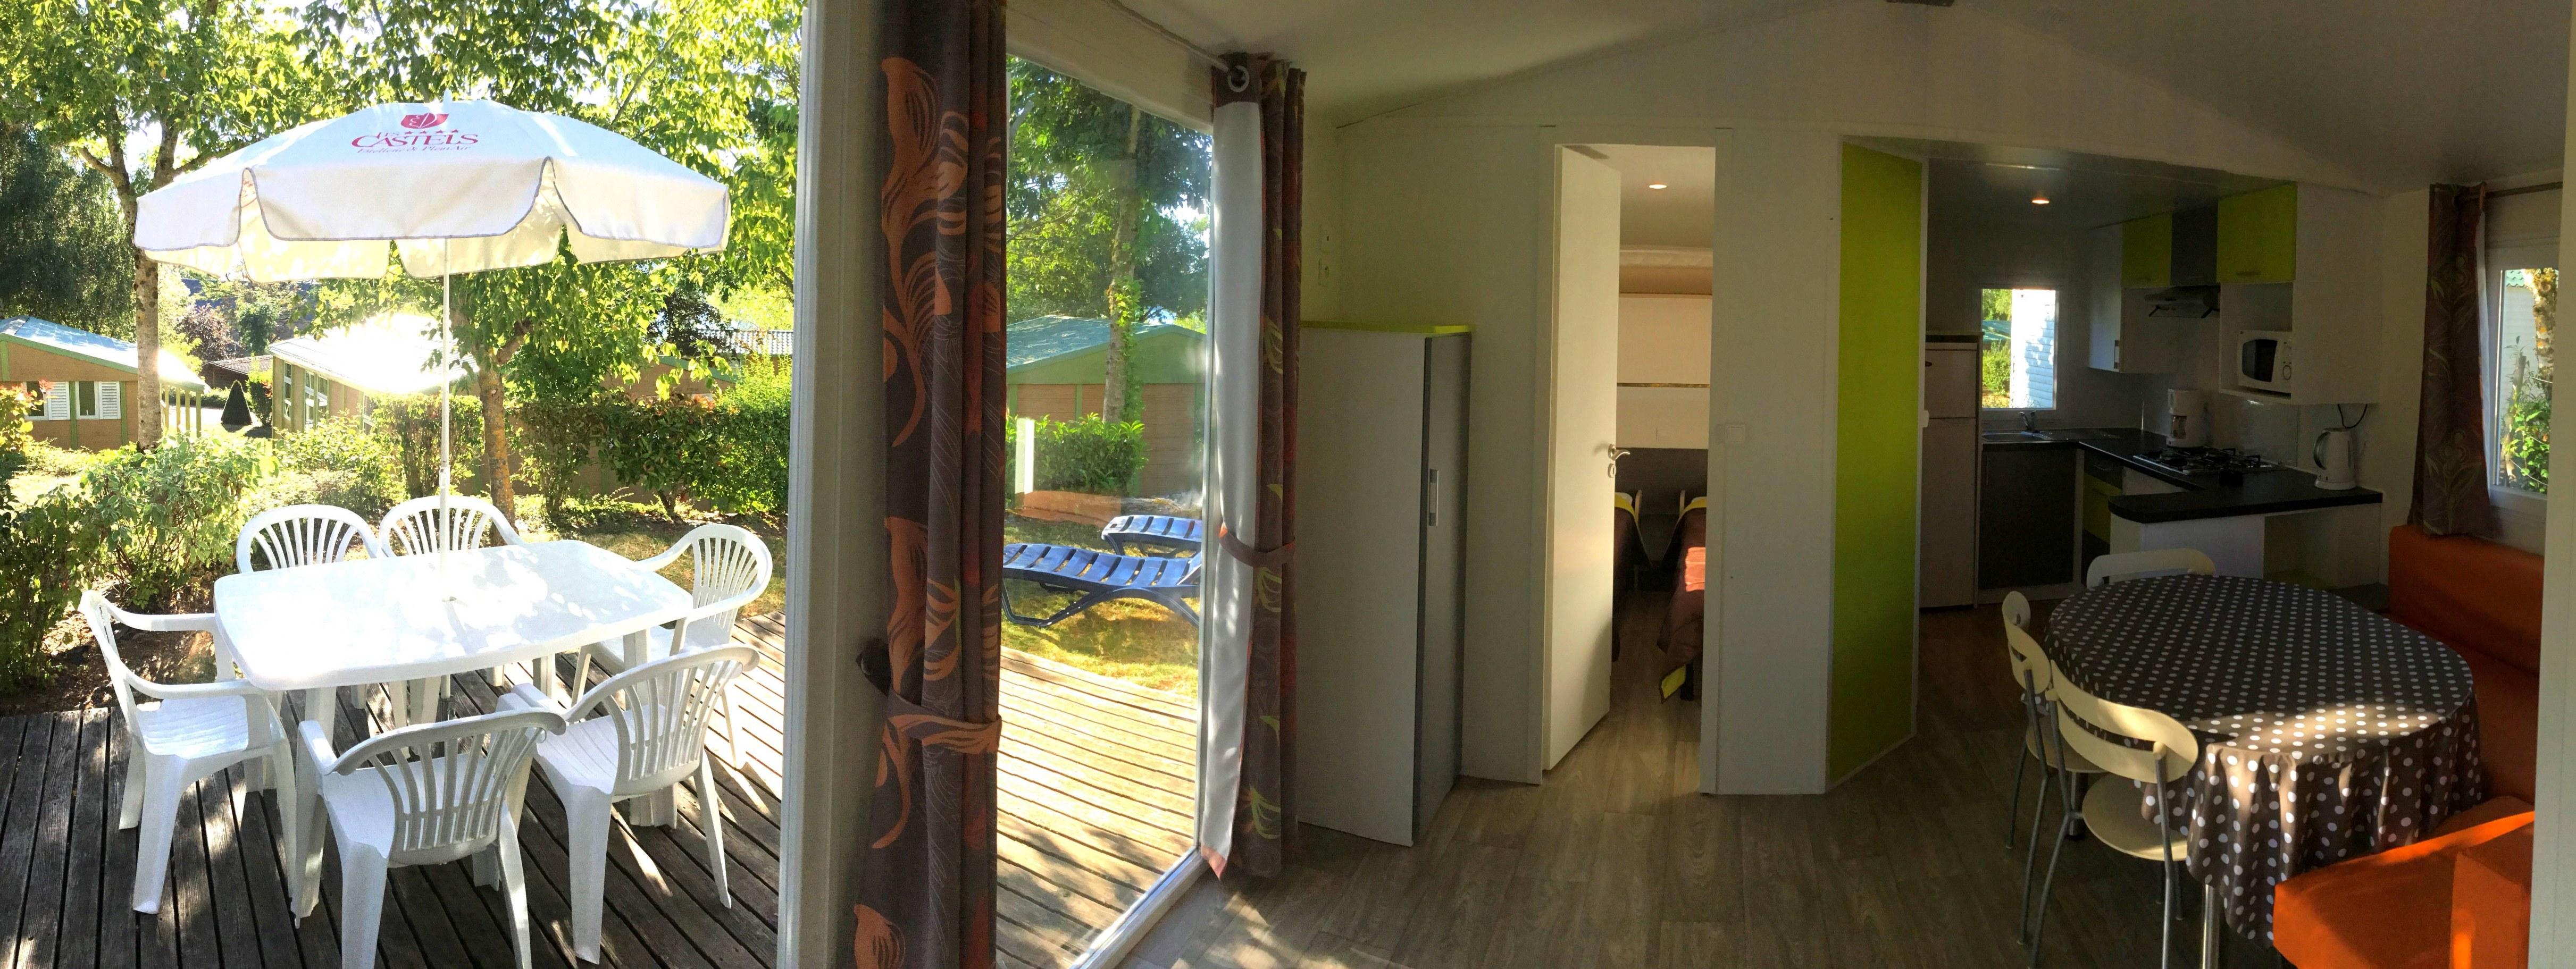 loggia confort interieur camping familial piscine Aveyron lac de pareloup